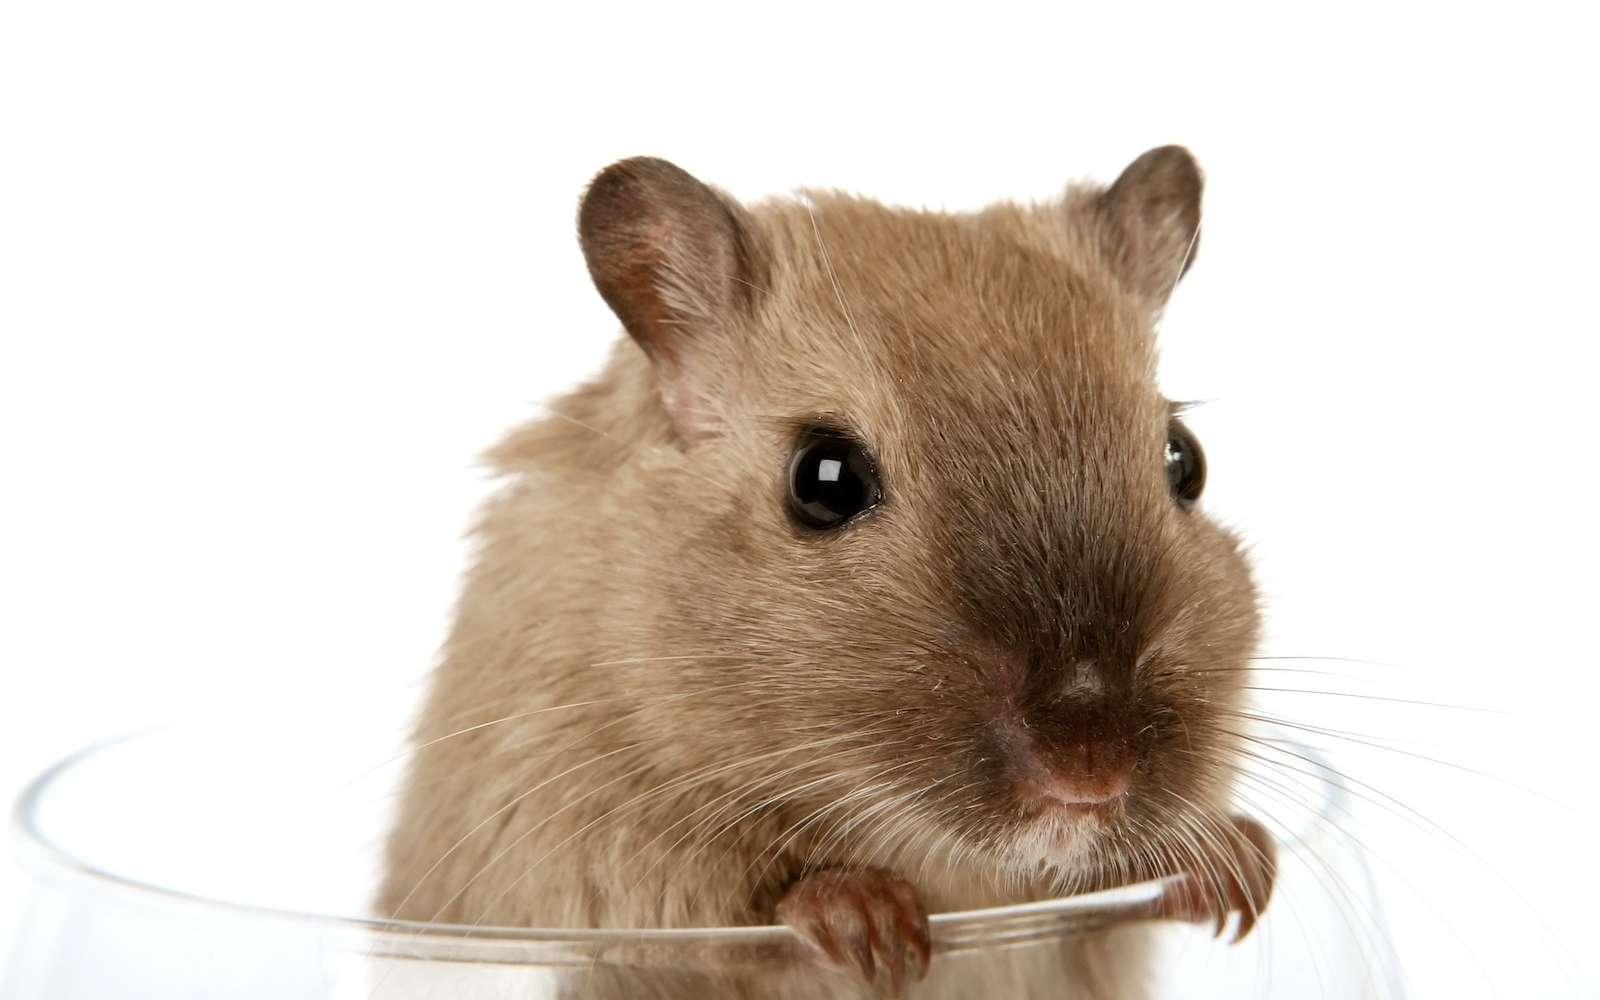 Après une période d'entraînement, les rats sont parvenus à se guider dans un labyrinthe, simplement en s'appuyant sur les pensées d'un humain. C'est une première.